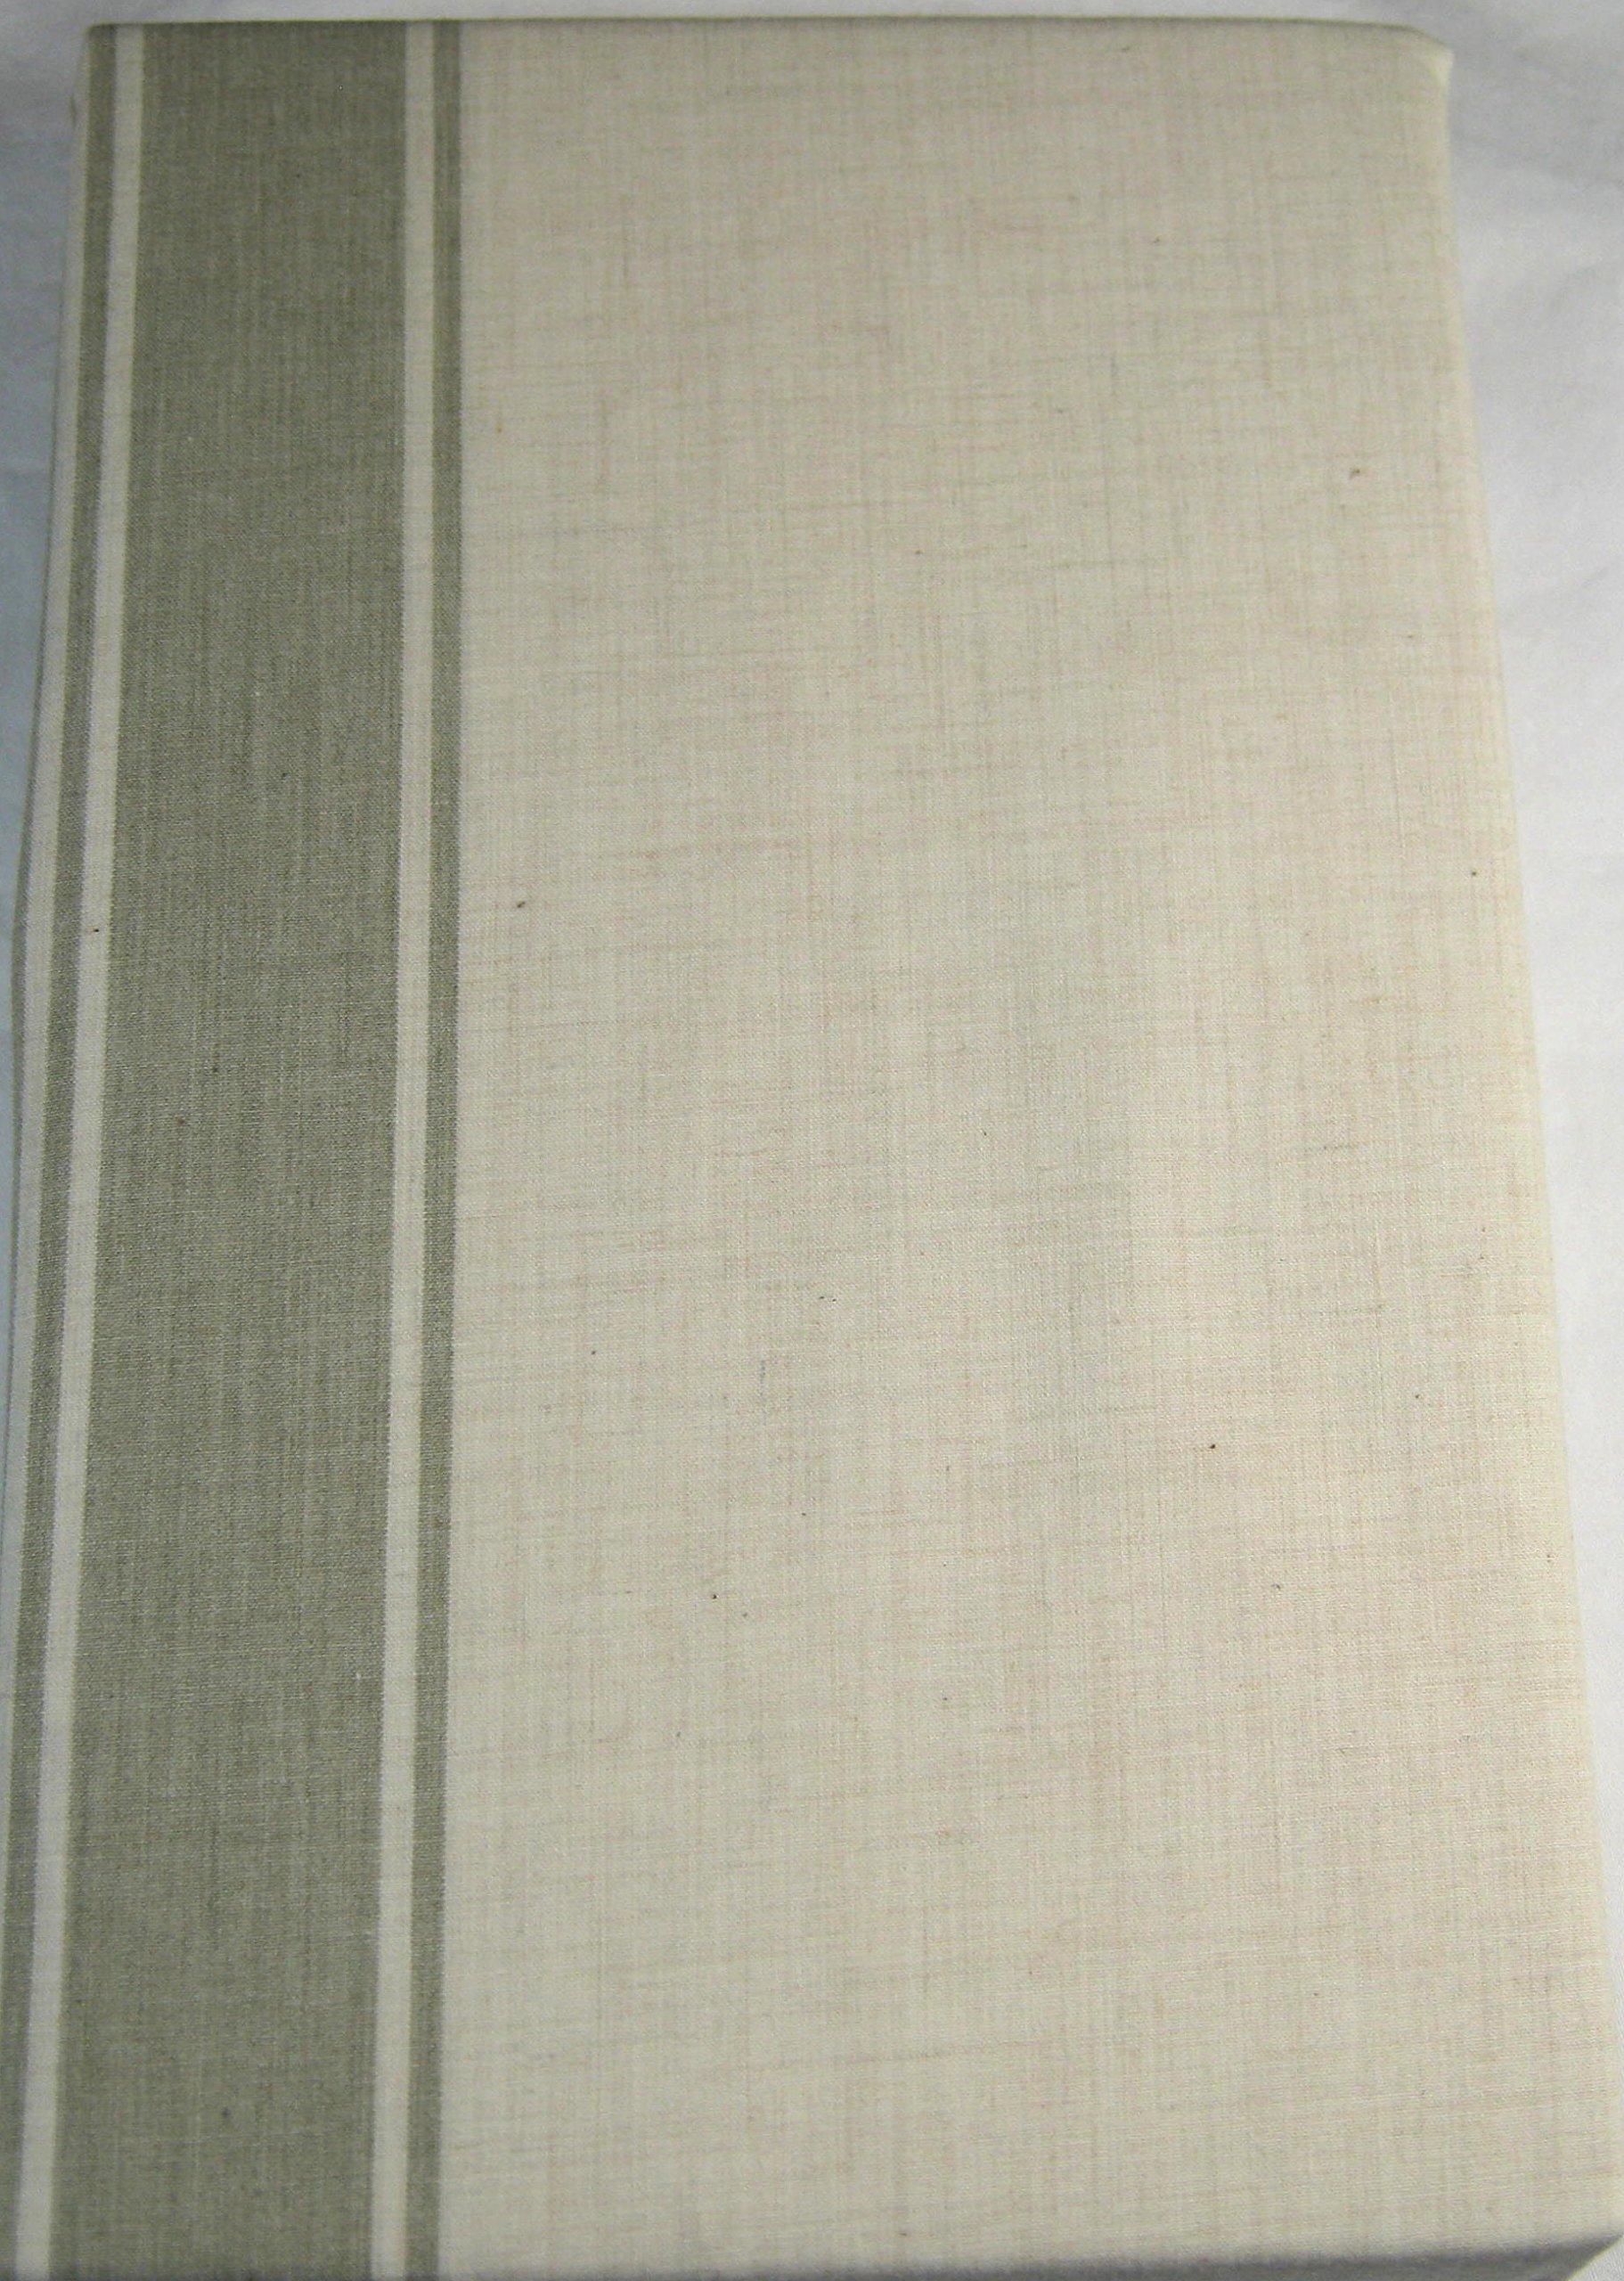 Ralph Lauren King Striped Pillowcases Further Lane Ticking Tan/Sage 100% Cotton